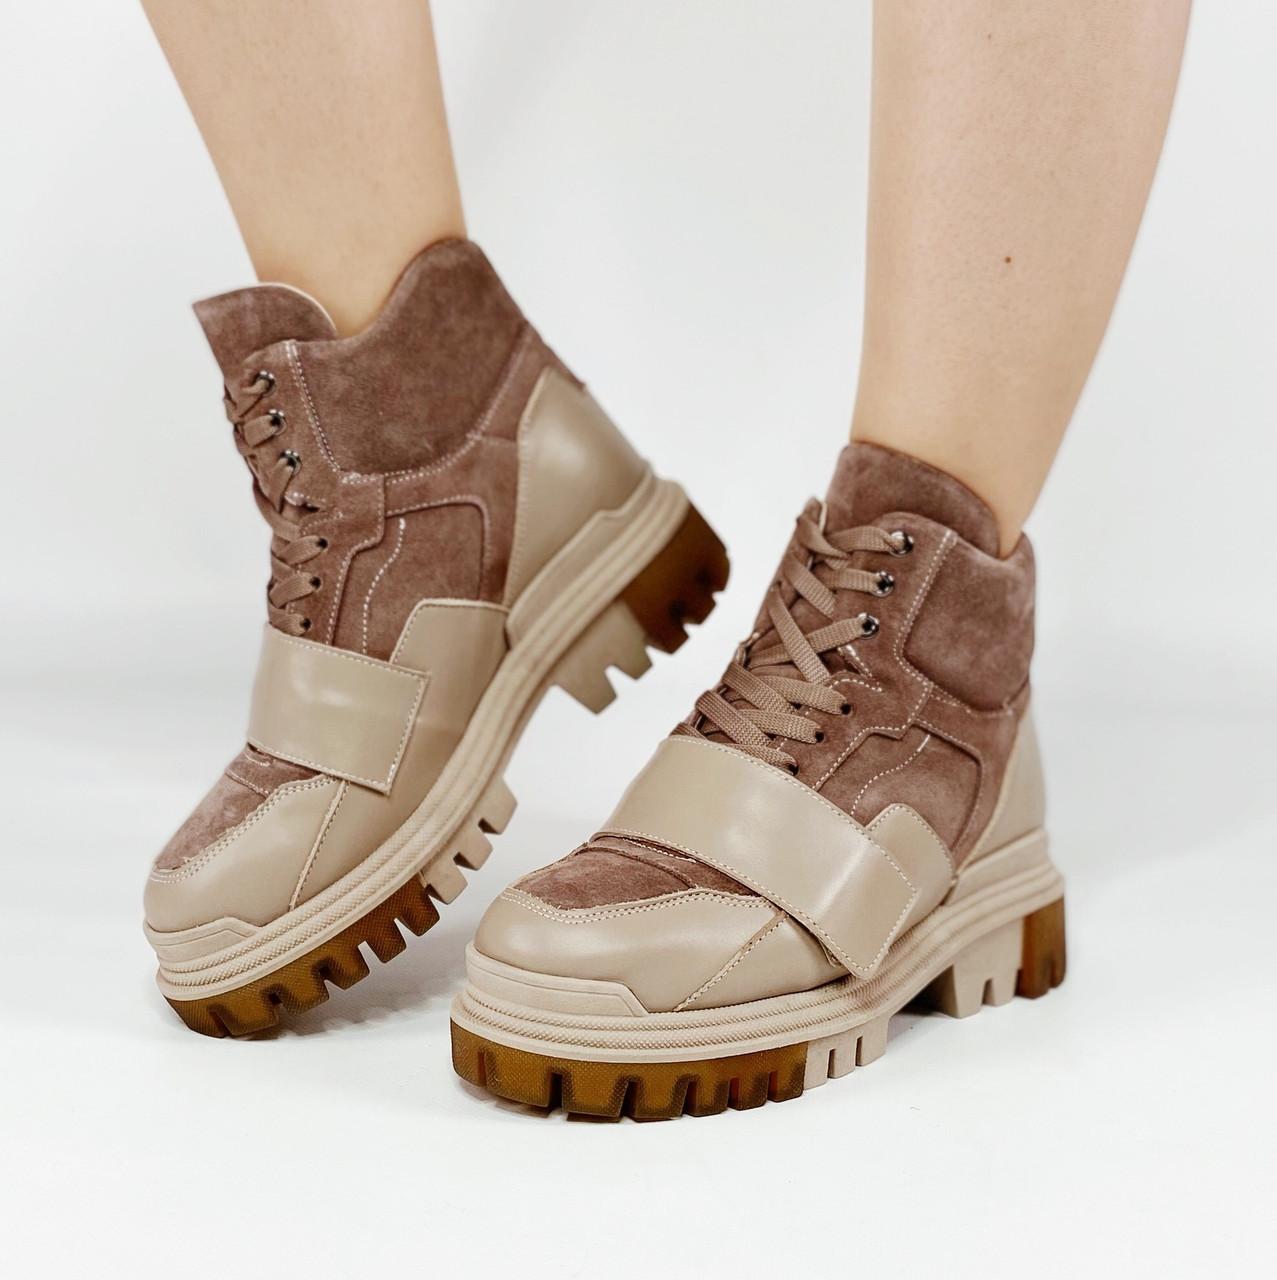 Ботинки стильные женские замшевые бежевые на шнурках с кожаными вставками MORENTO зимние